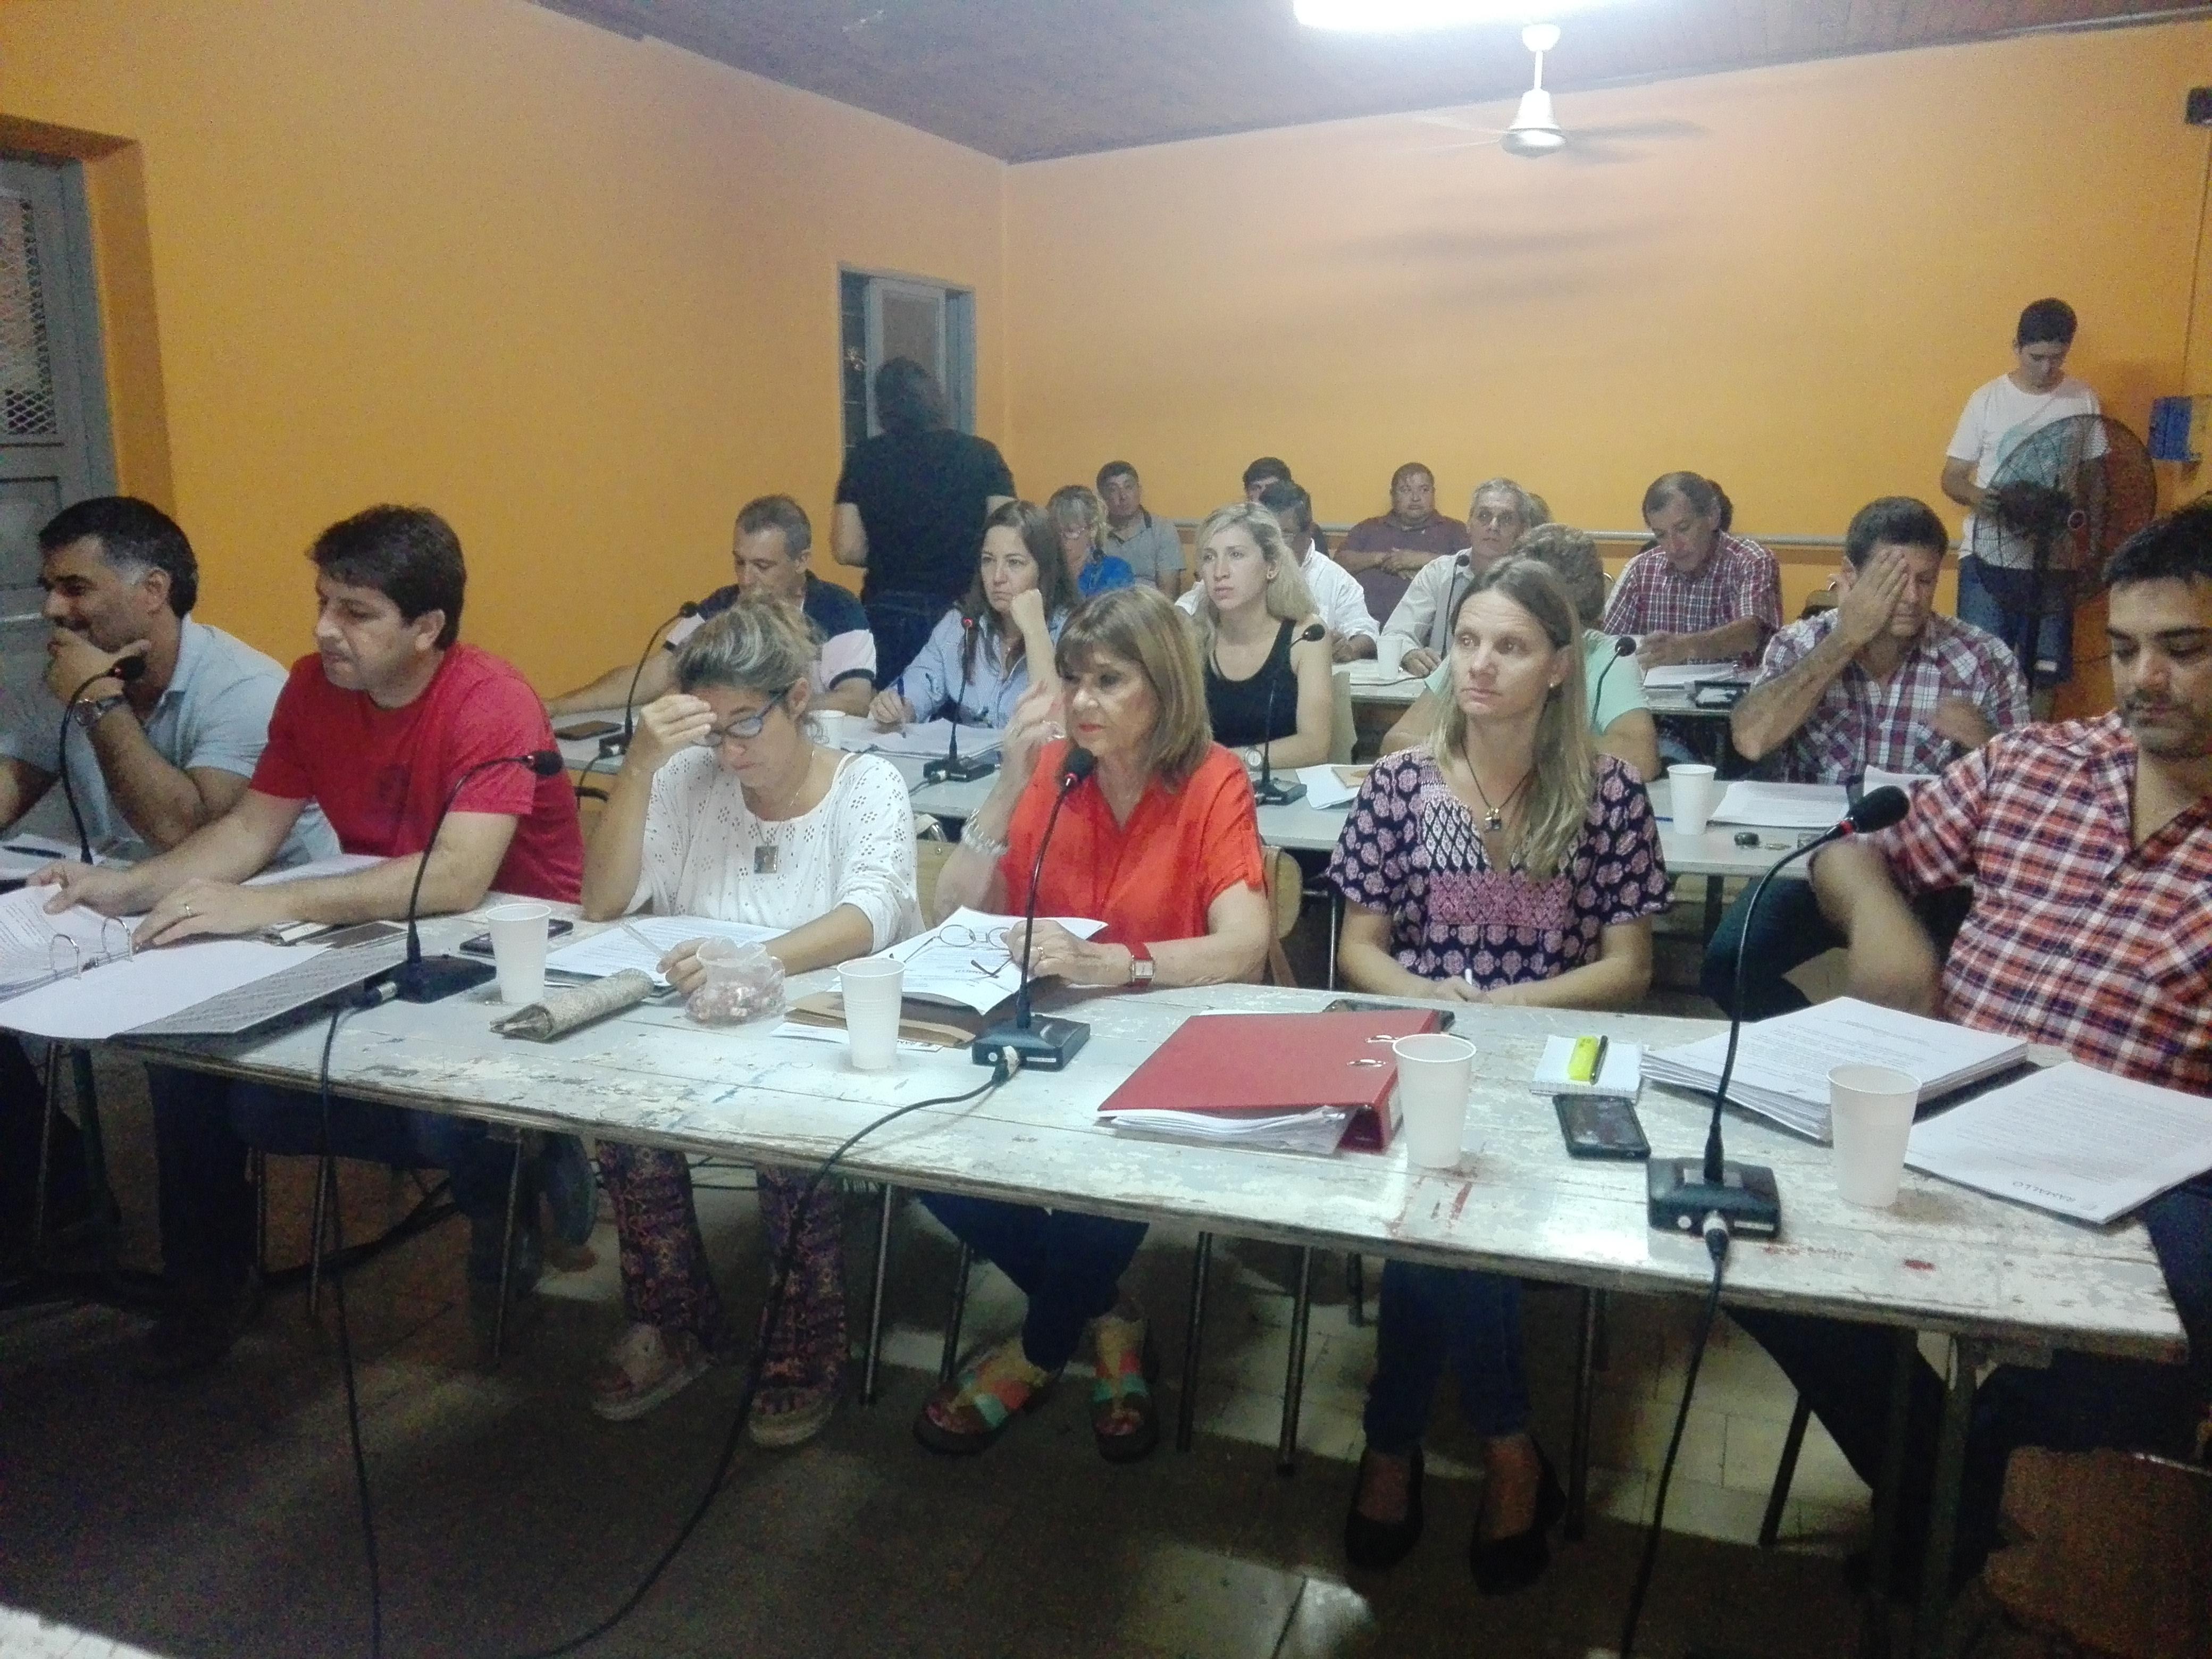 En la última sesión del Concejo Deliberante, que se desarrolló en Villa General Savio, el bloque Cambiemos votó en contra del pedido de dos patrulleros para la localidad.